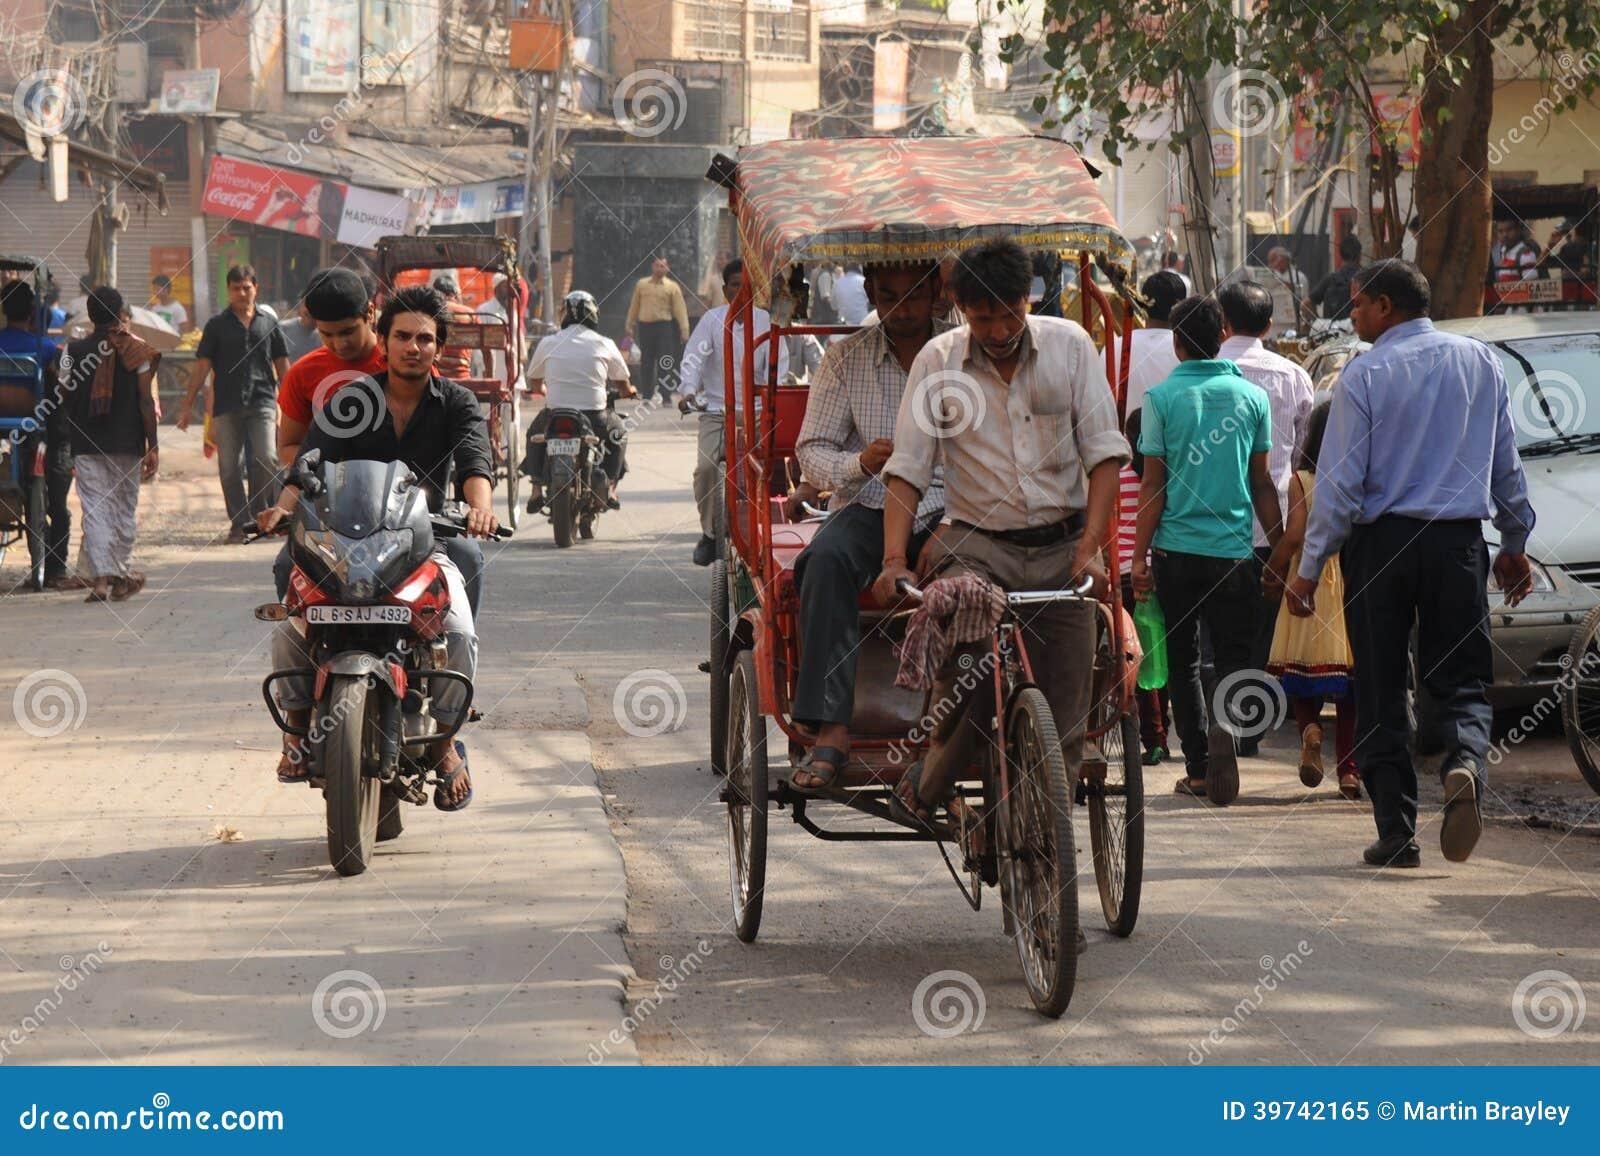 Δίτροχος χειράμαξα και επιβάτης κύκλων. Παλαιό Δελχί, Ινδία.